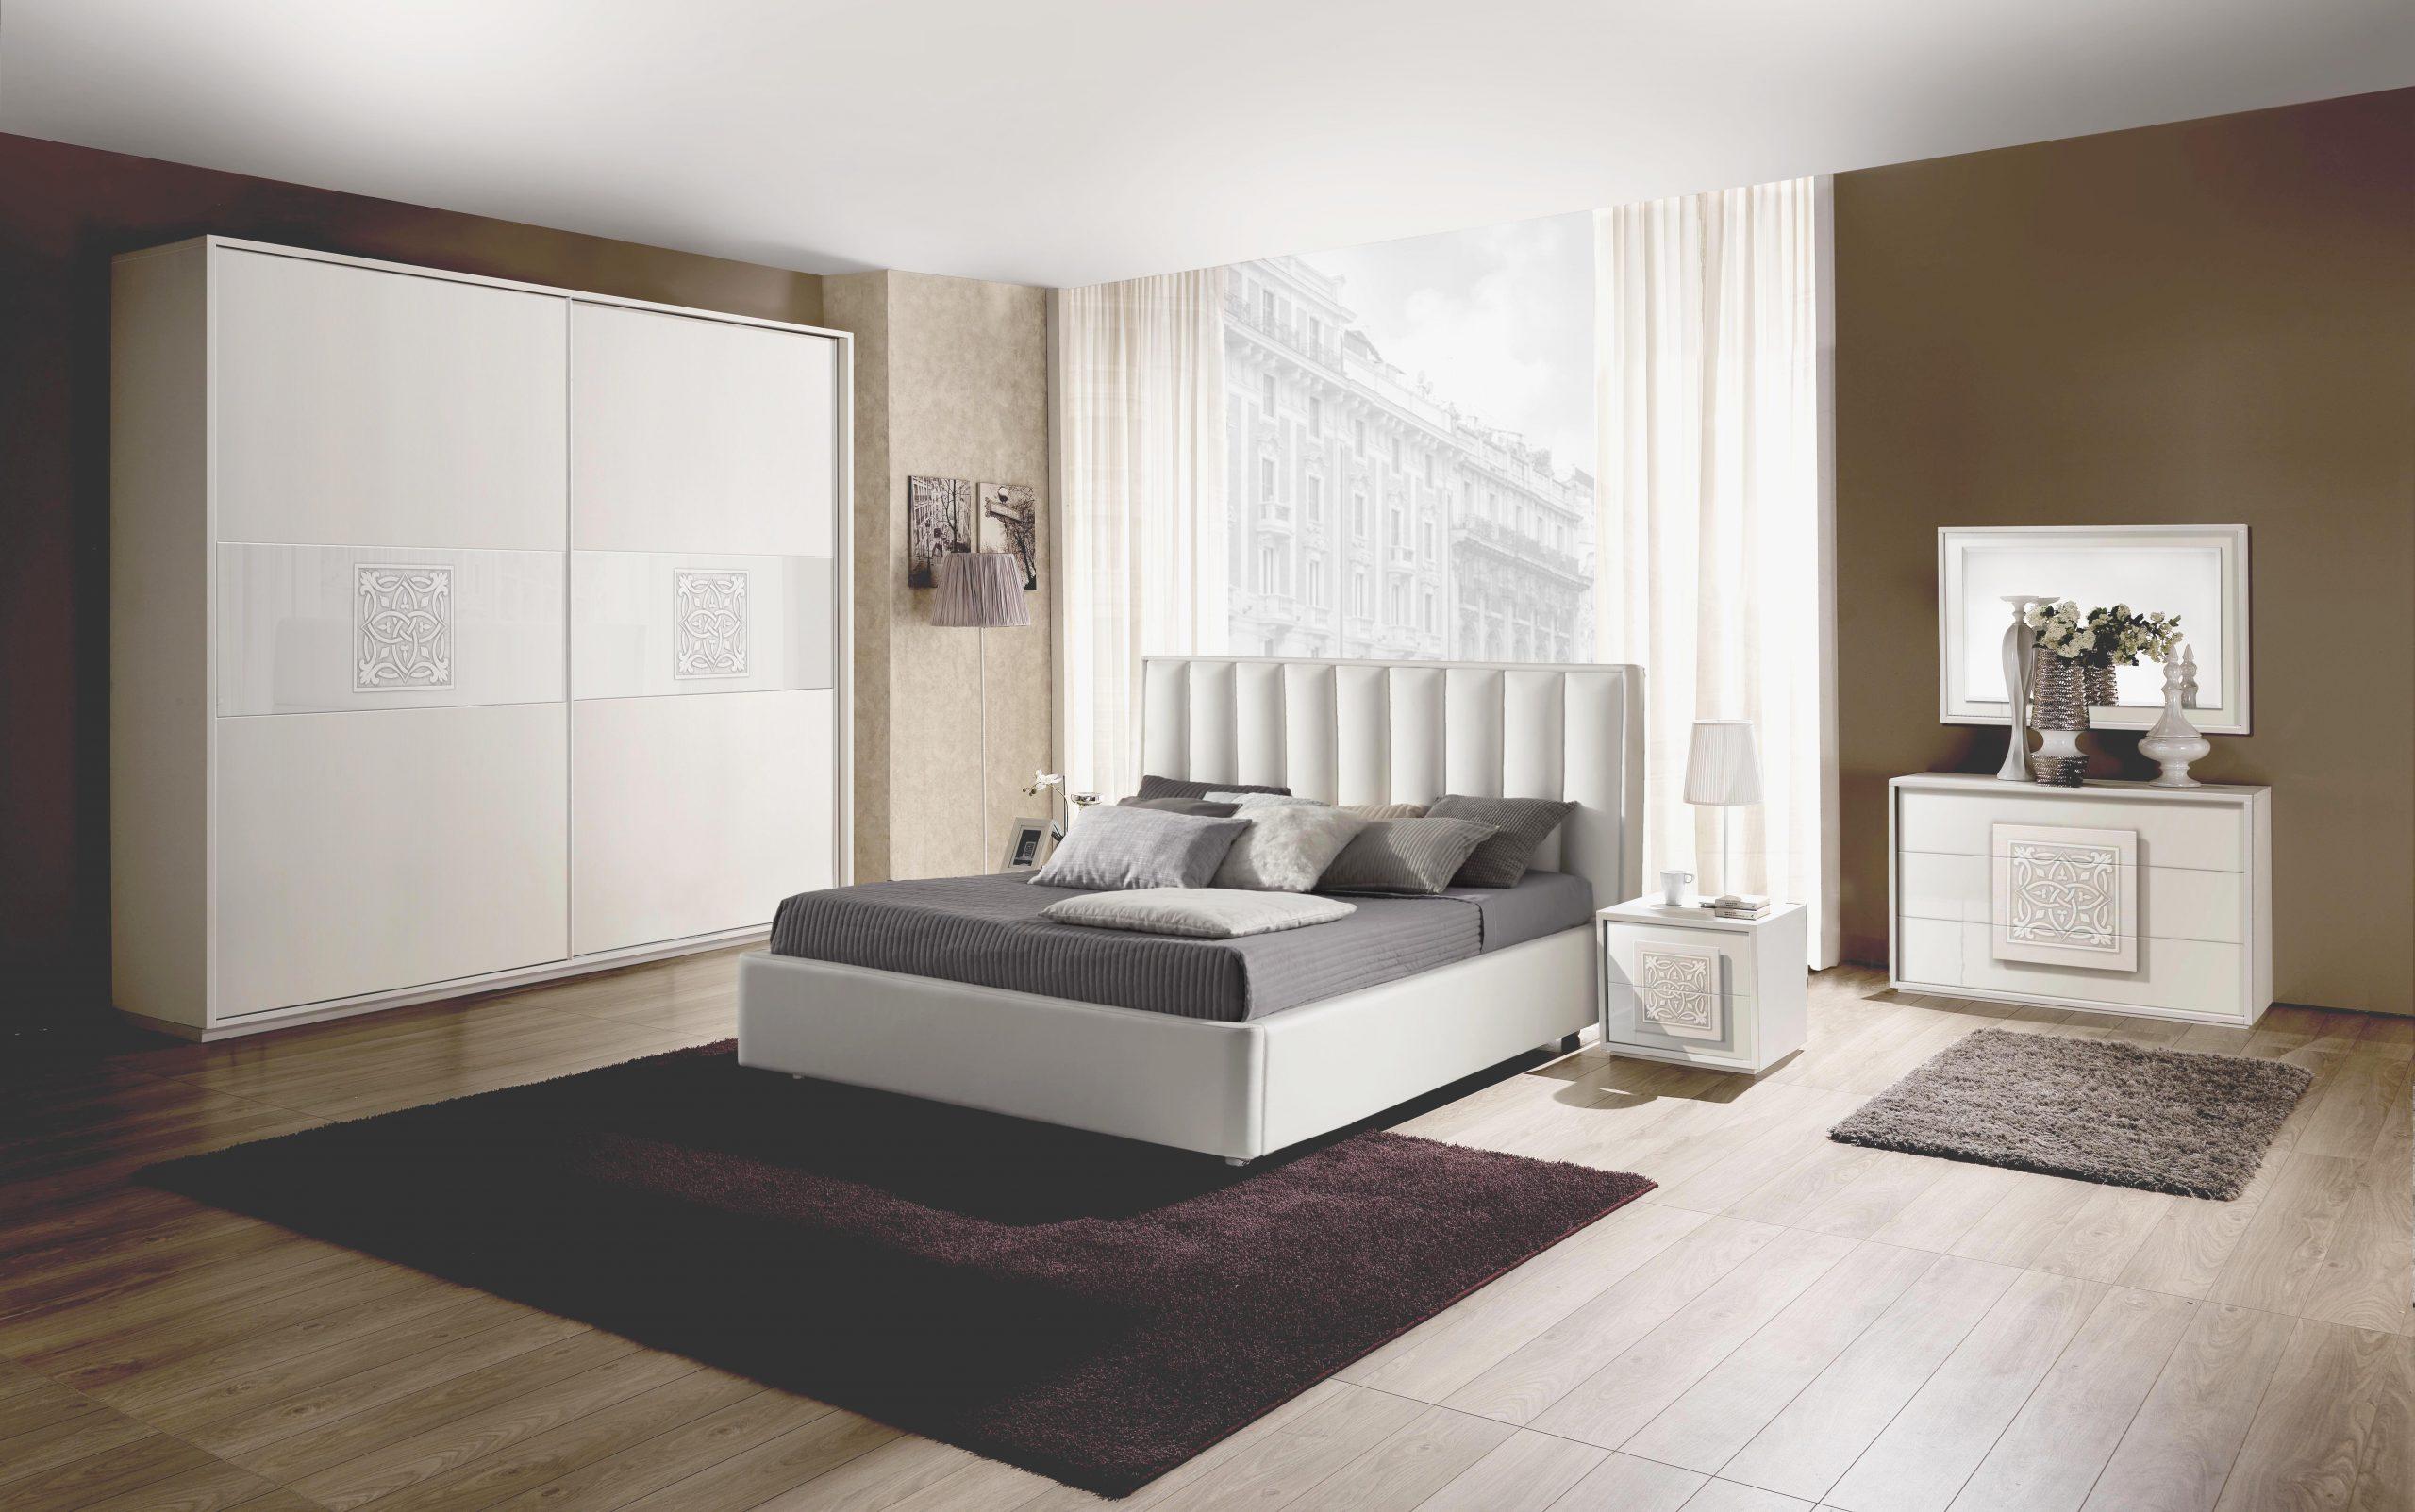 Full Size of Bett Modern Design Dama Mit Stauraum In Wei Odern 160x200 Cm Dam 1 Betten Düsseldorf Jugendzimmer Dänisches Bettenlager Badezimmer Stabiles 120 Breit Bett Bett Modern Design